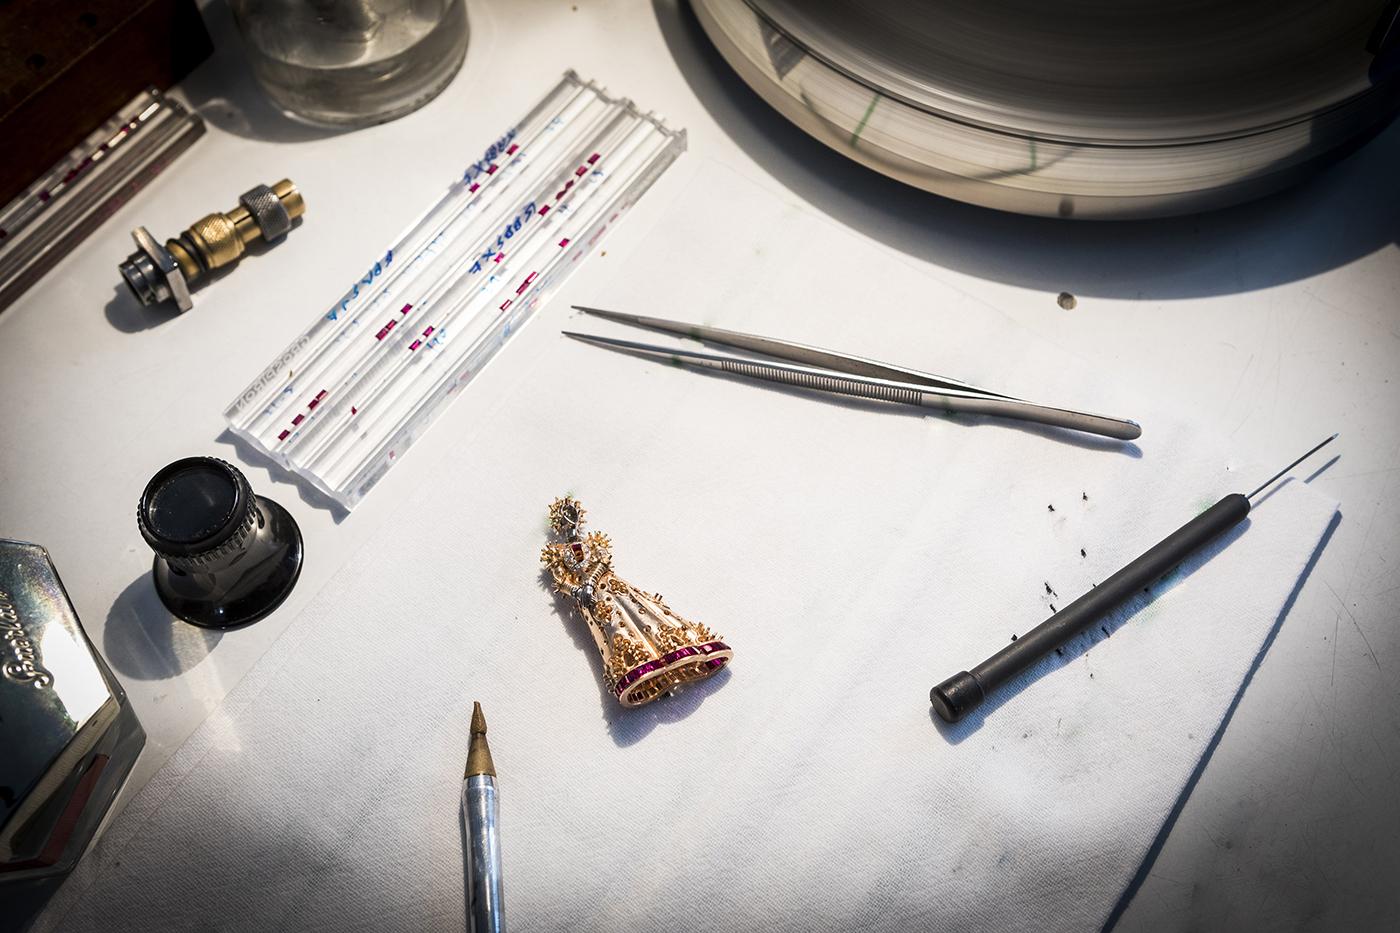 Van Cleef & Arpels 'Romeo & Juliet' jewellery collection